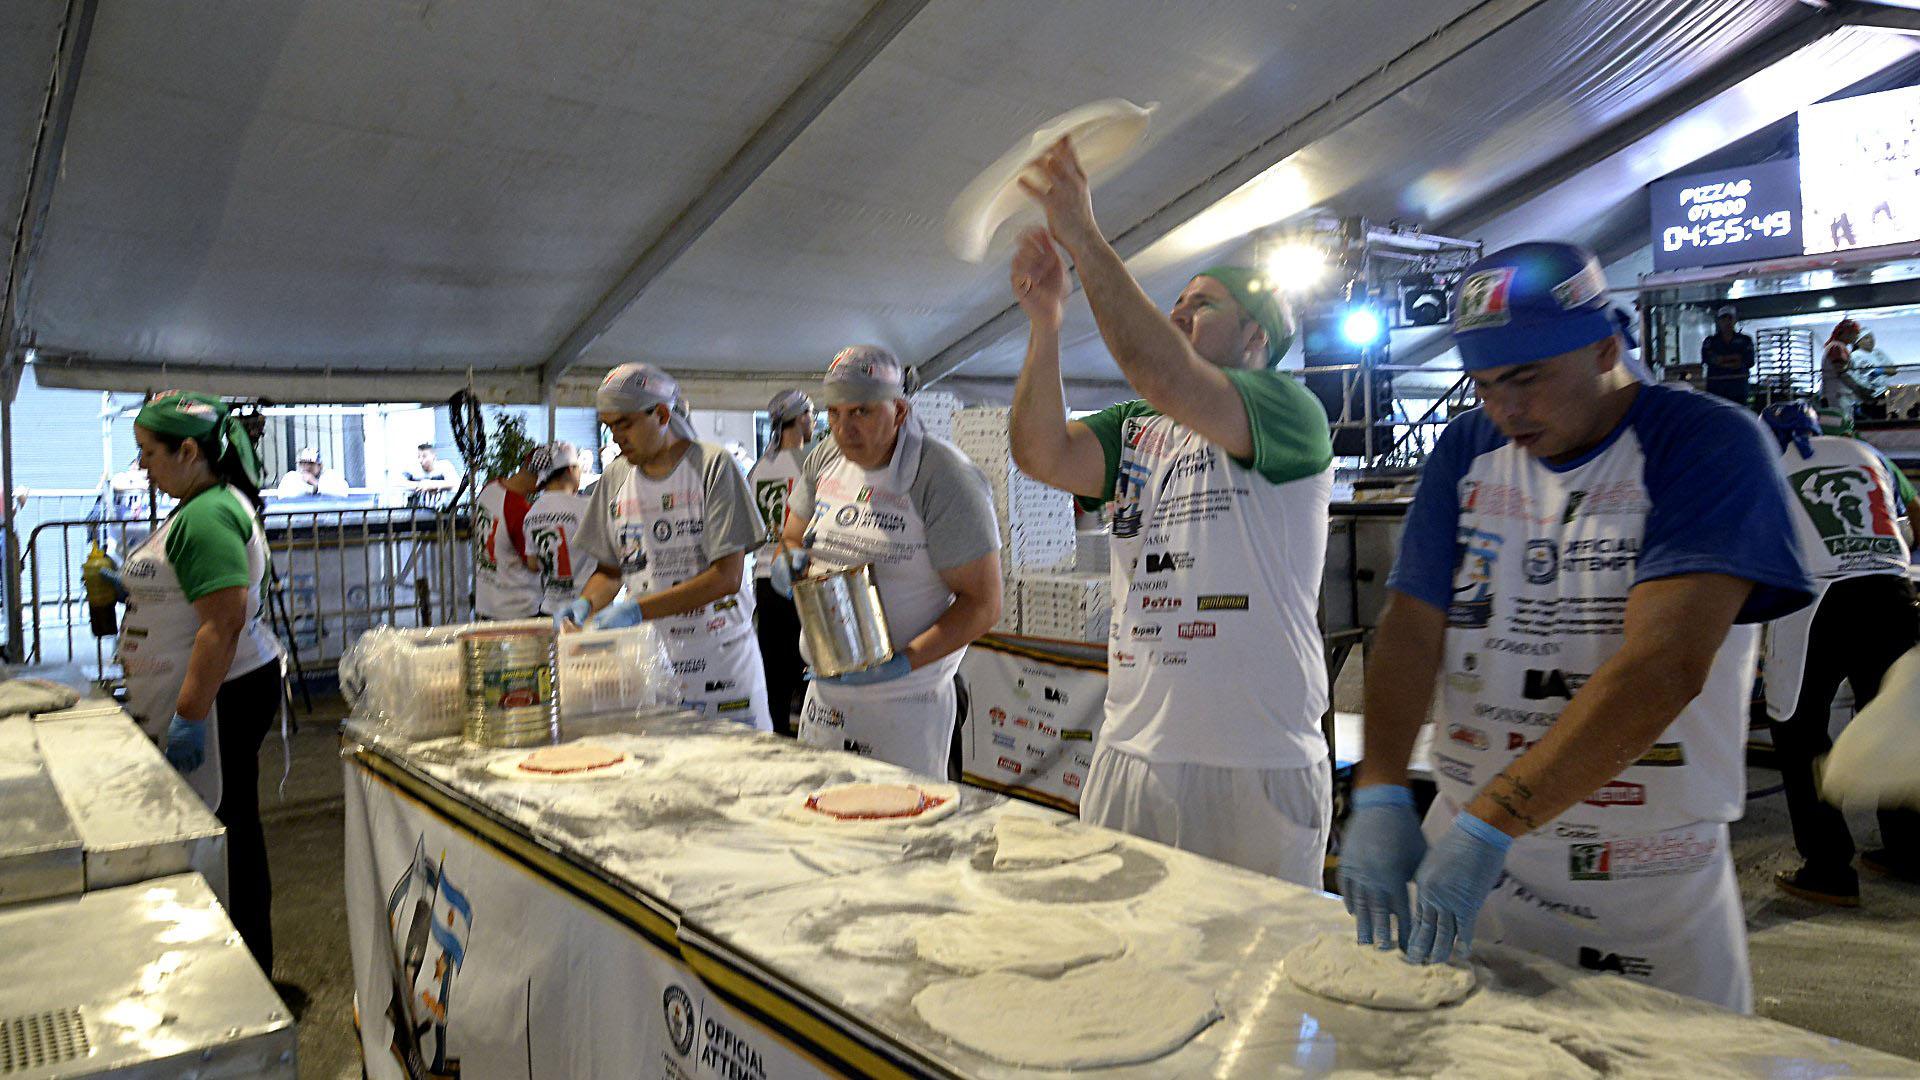 Los rápidos movimientos de manos de los cocineros de distintas partes del país fueron observados por todos los visitantes